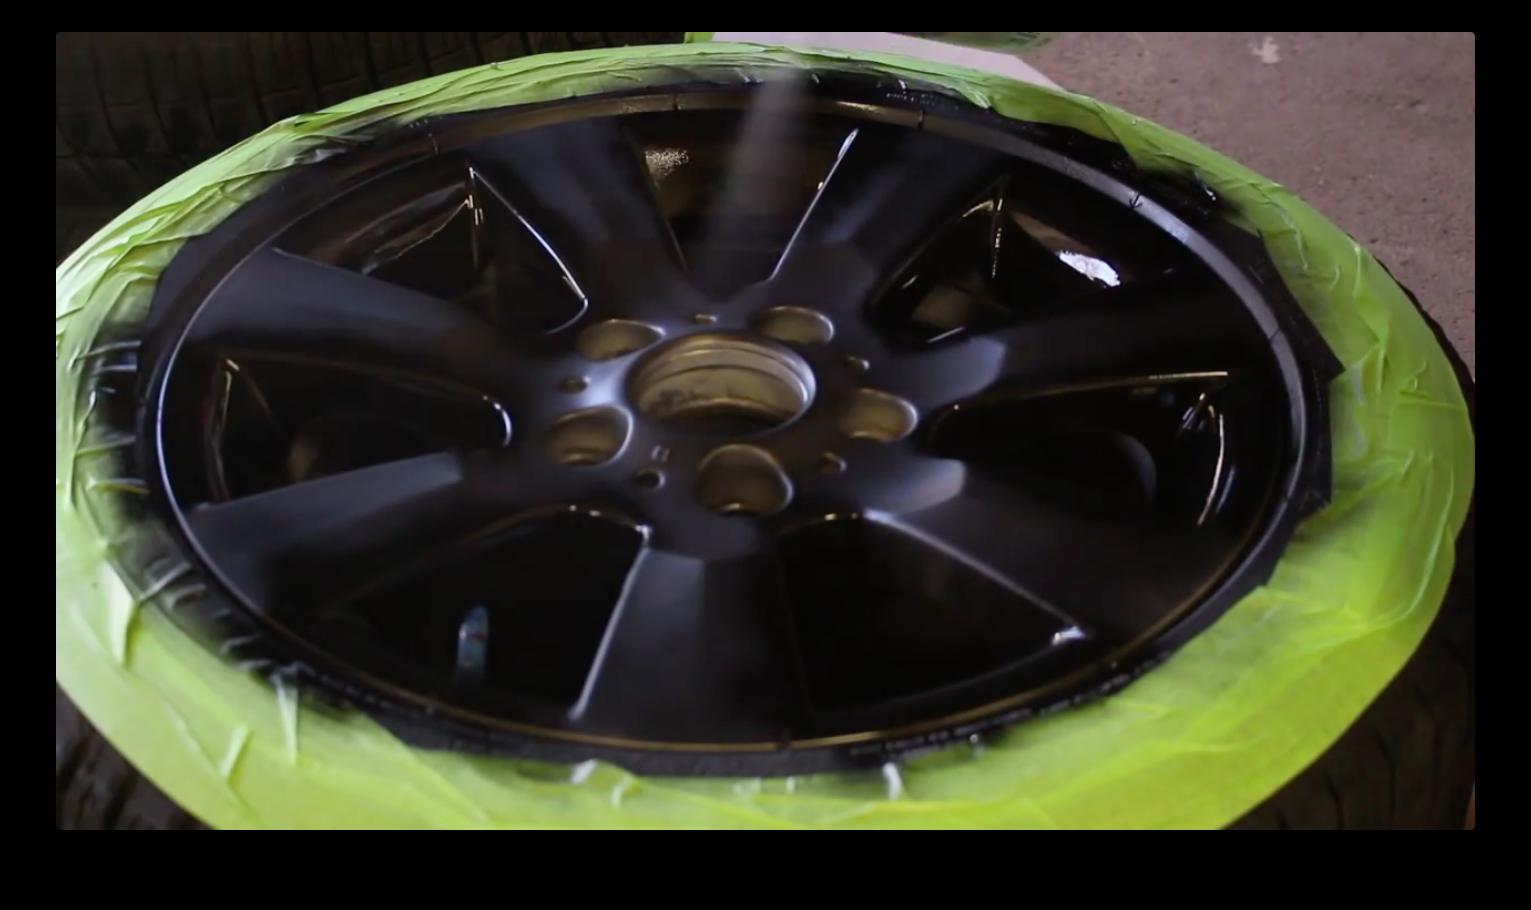 Покраска дисков жидкой резиной, как покрасить диски пластидипом